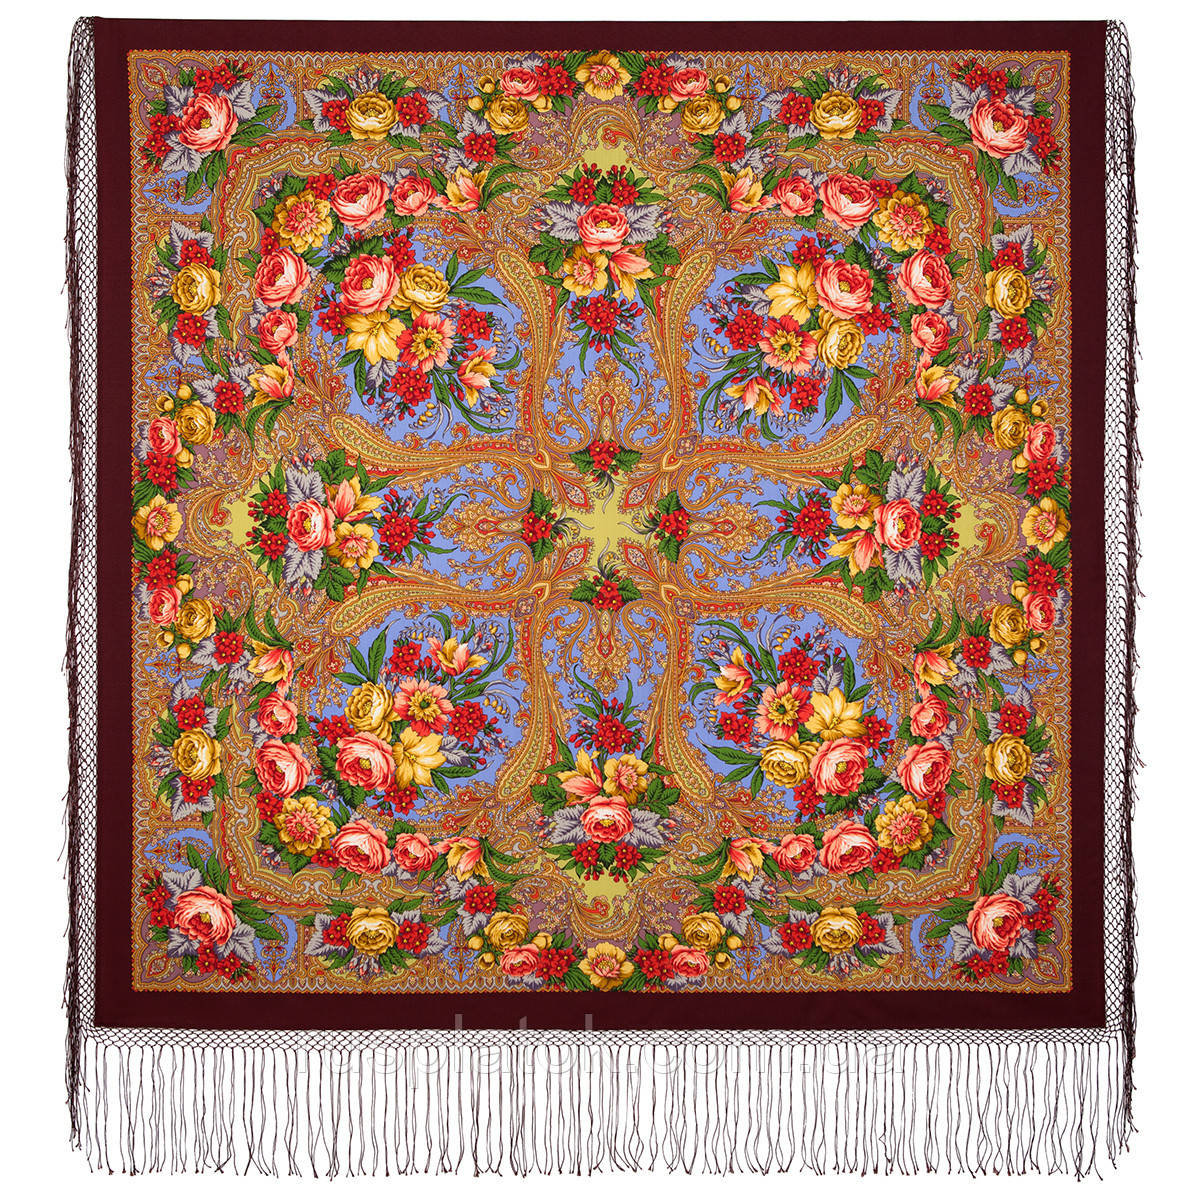 Счастливица 1122-7, павлопосадский платок (шаль) из уплотненной шерсти с шелковой вязанной бахромой